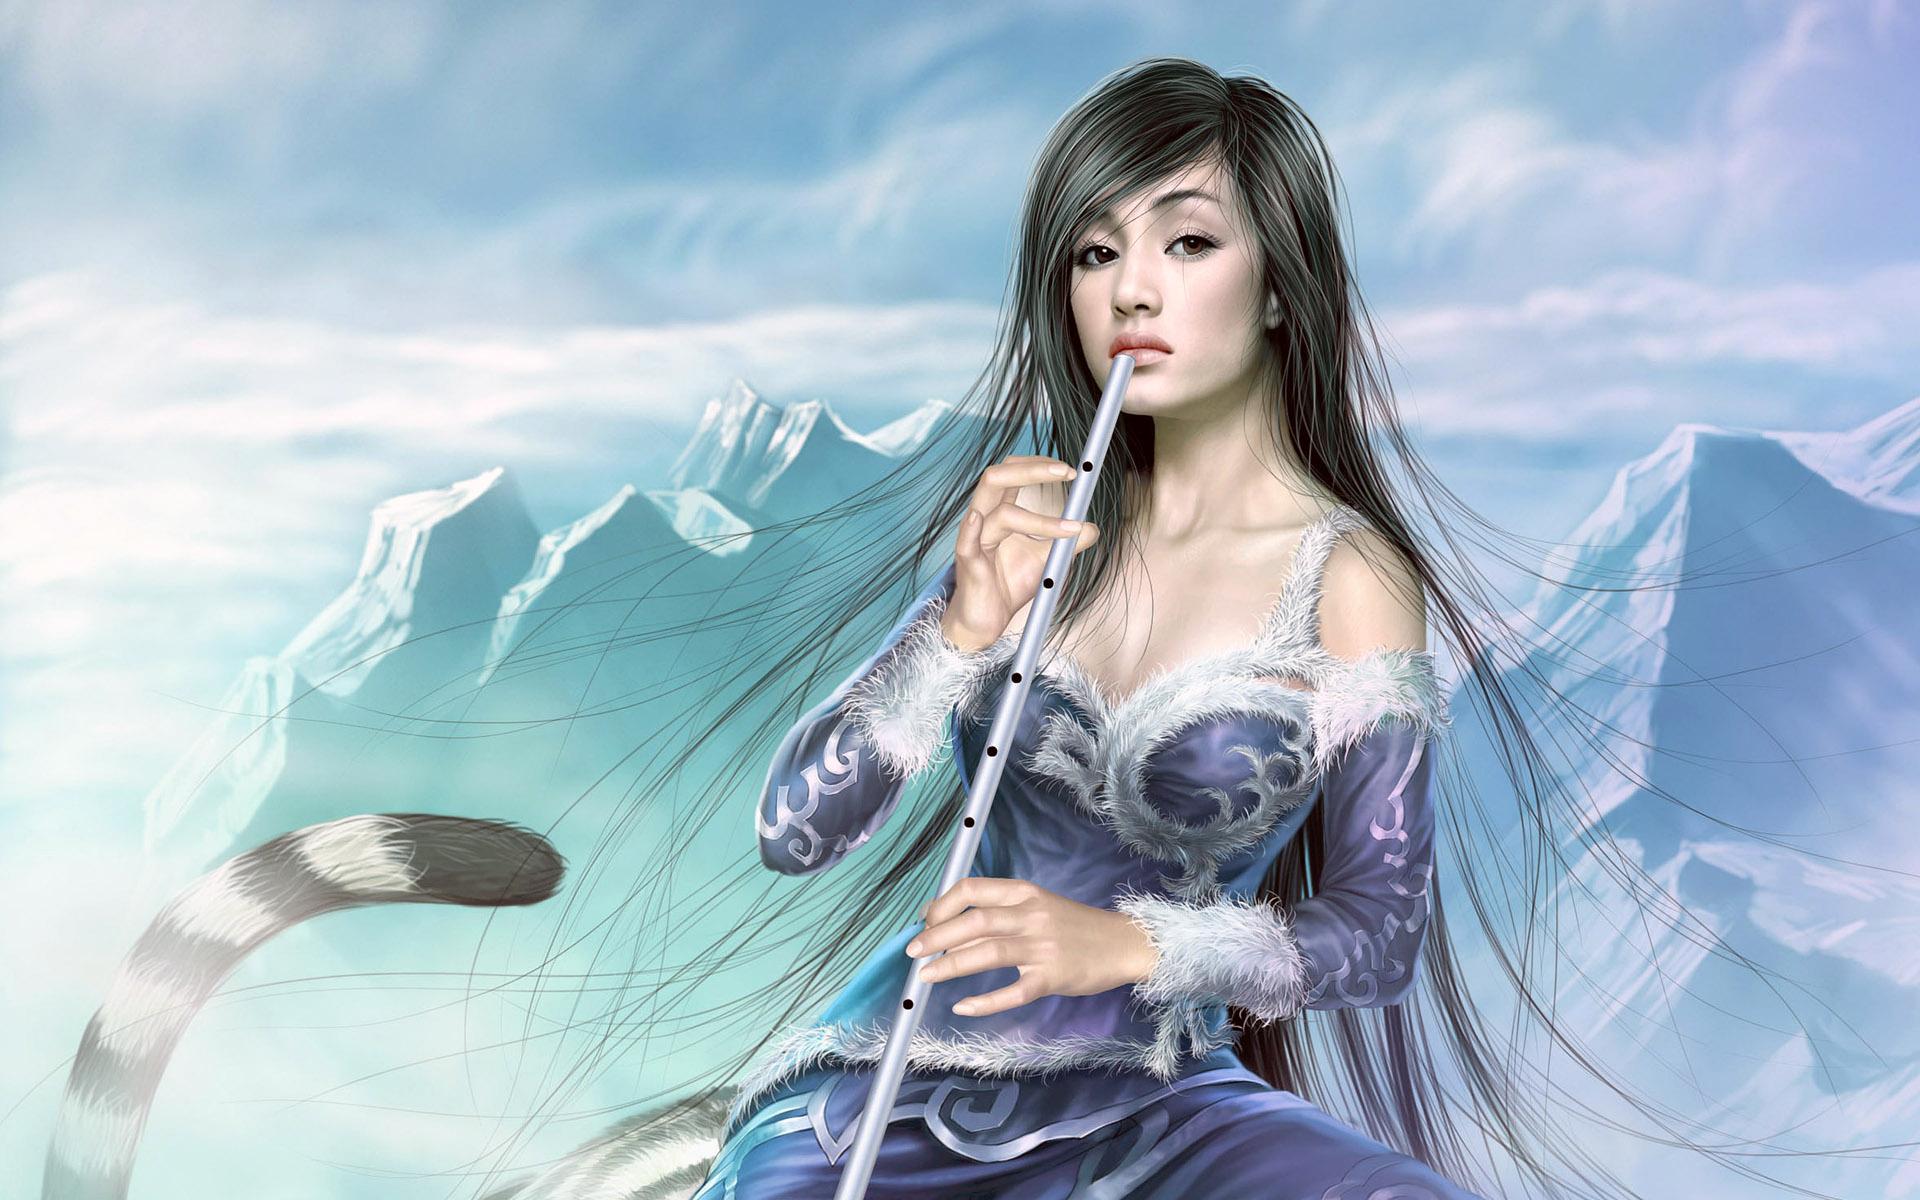 50 Free 3d Fantasy Girl Wallpaper On Wallpapersafari